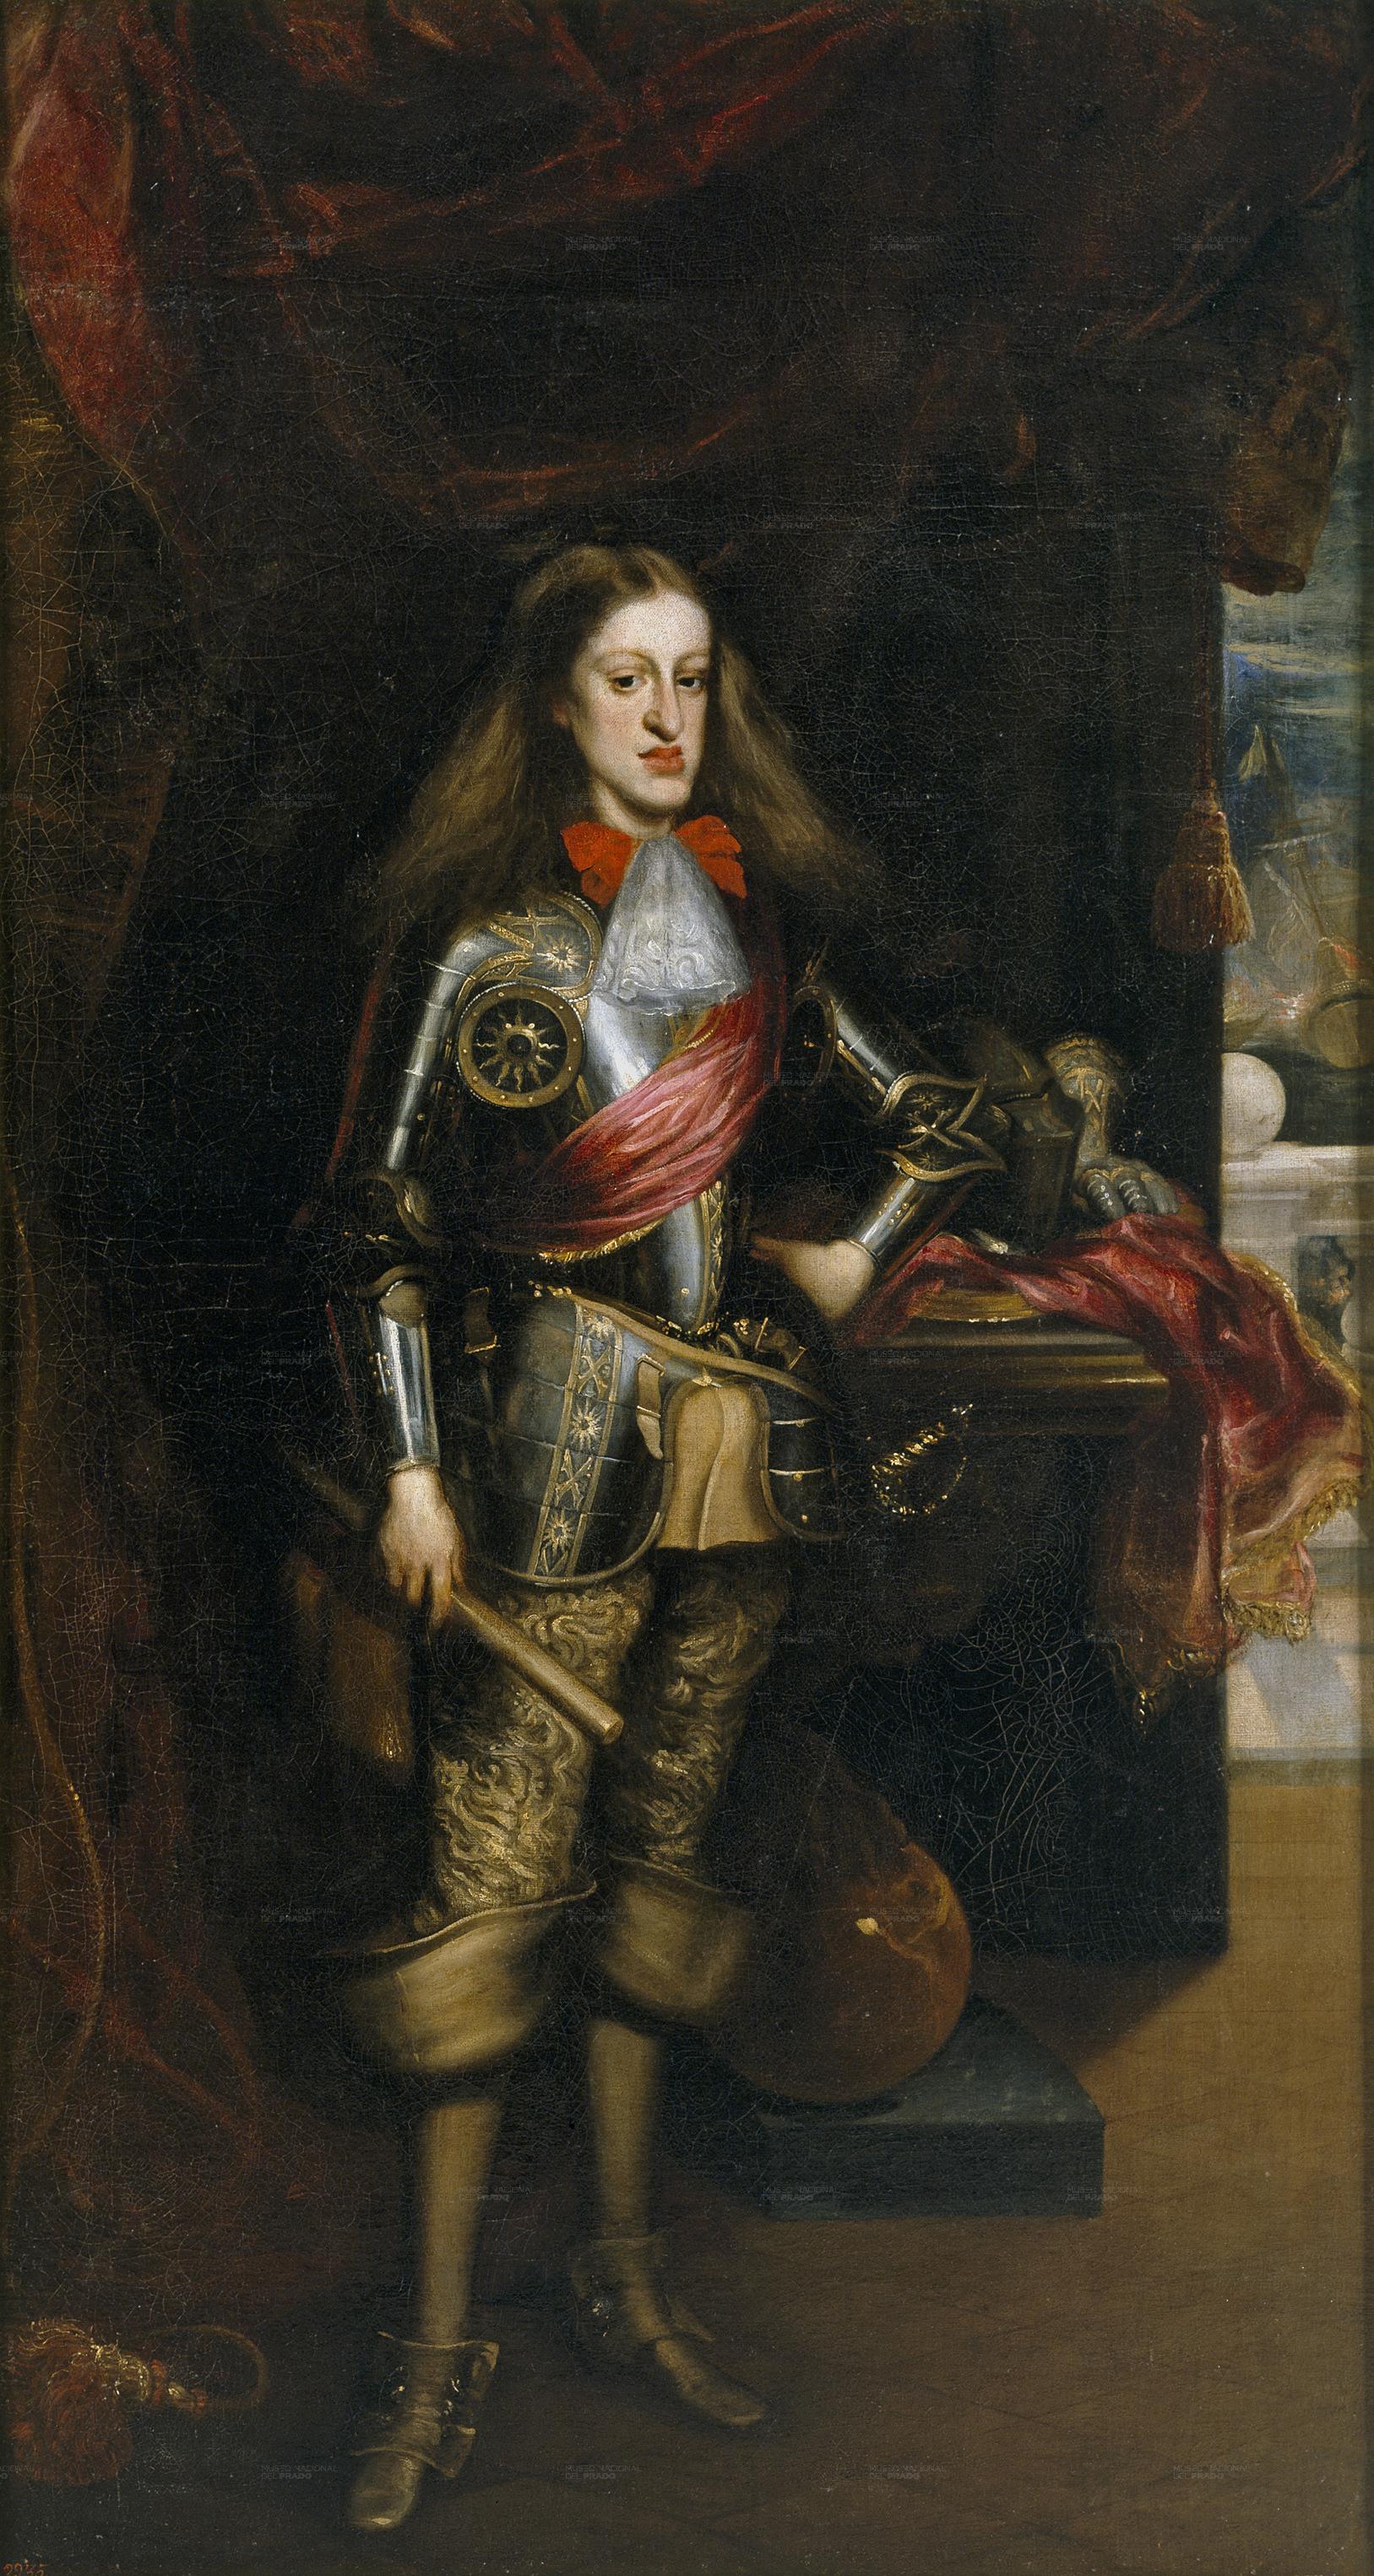 Carlos_II,_con_armadura_